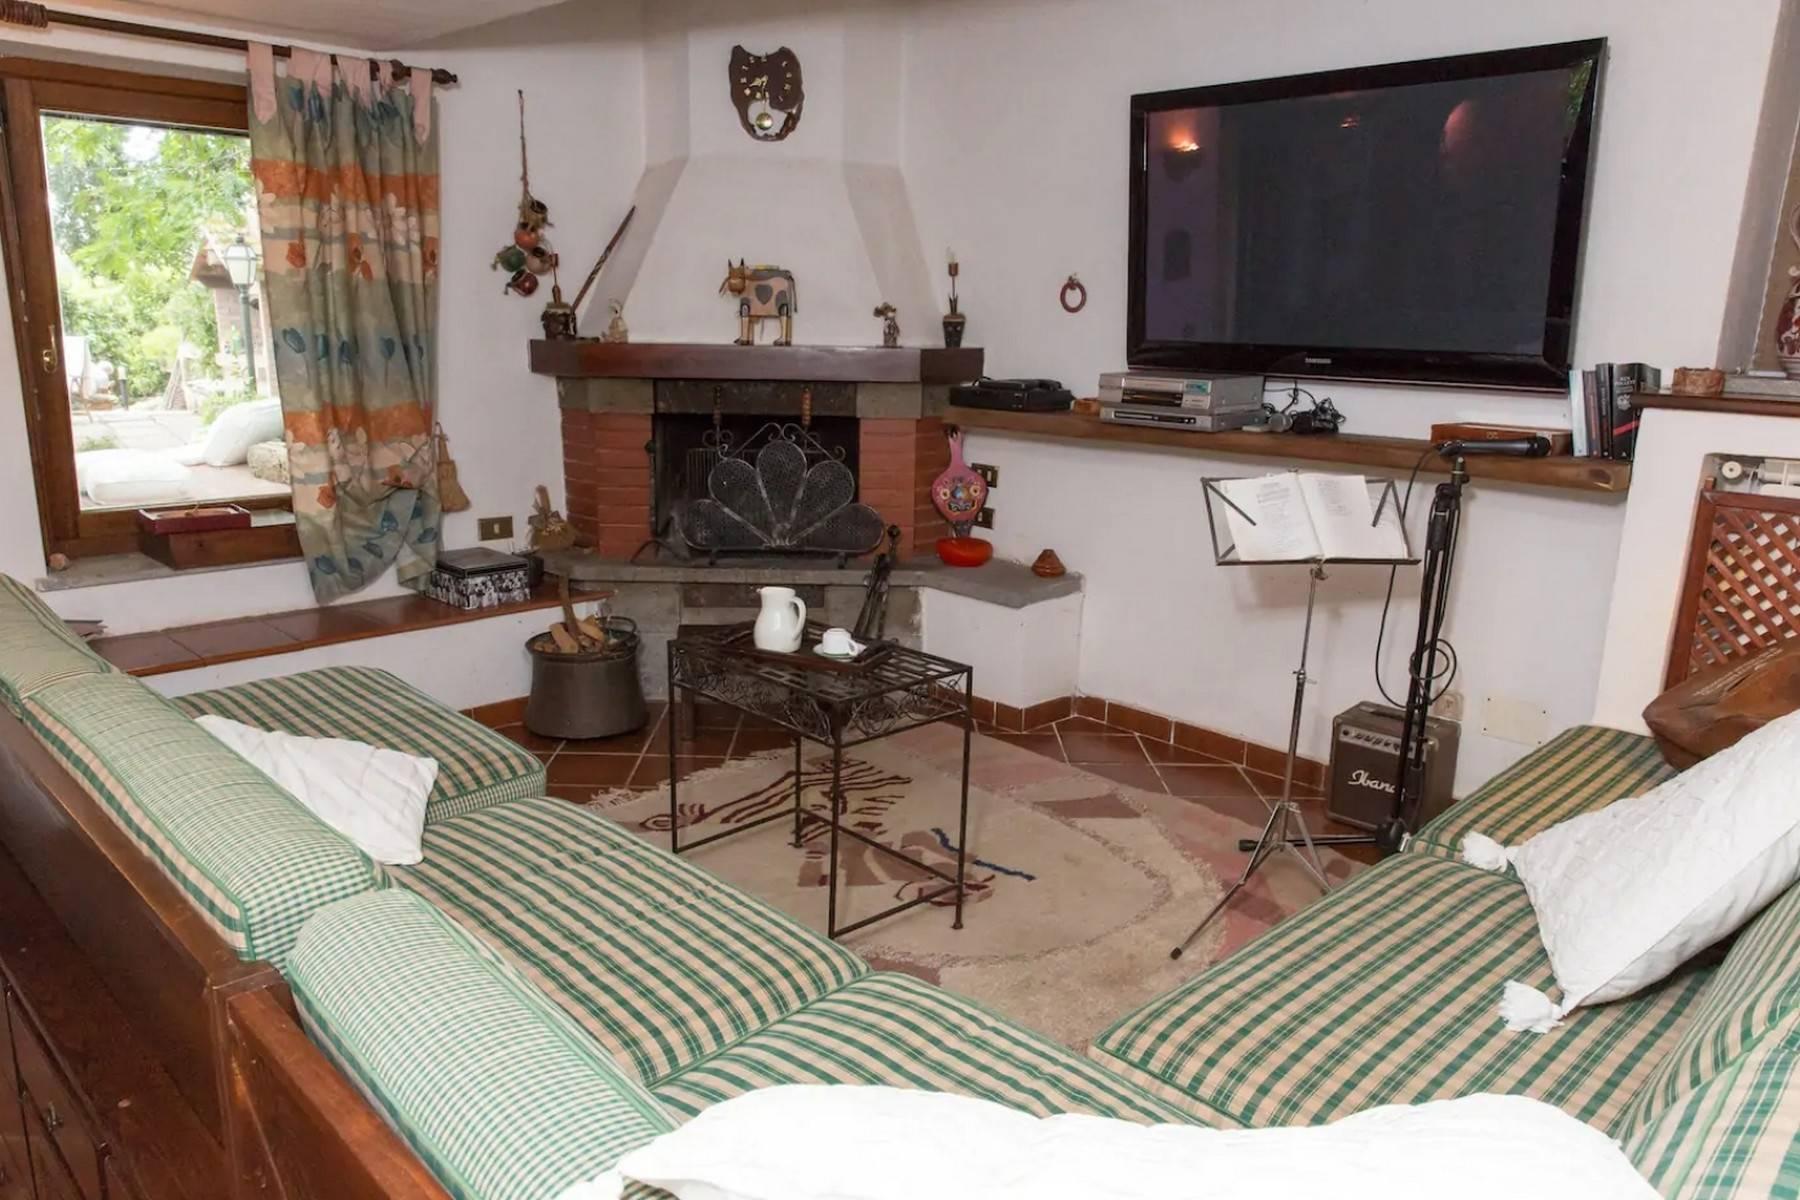 Rustico in Vendita a Capalbio: 5 locali, 170 mq - Foto 20